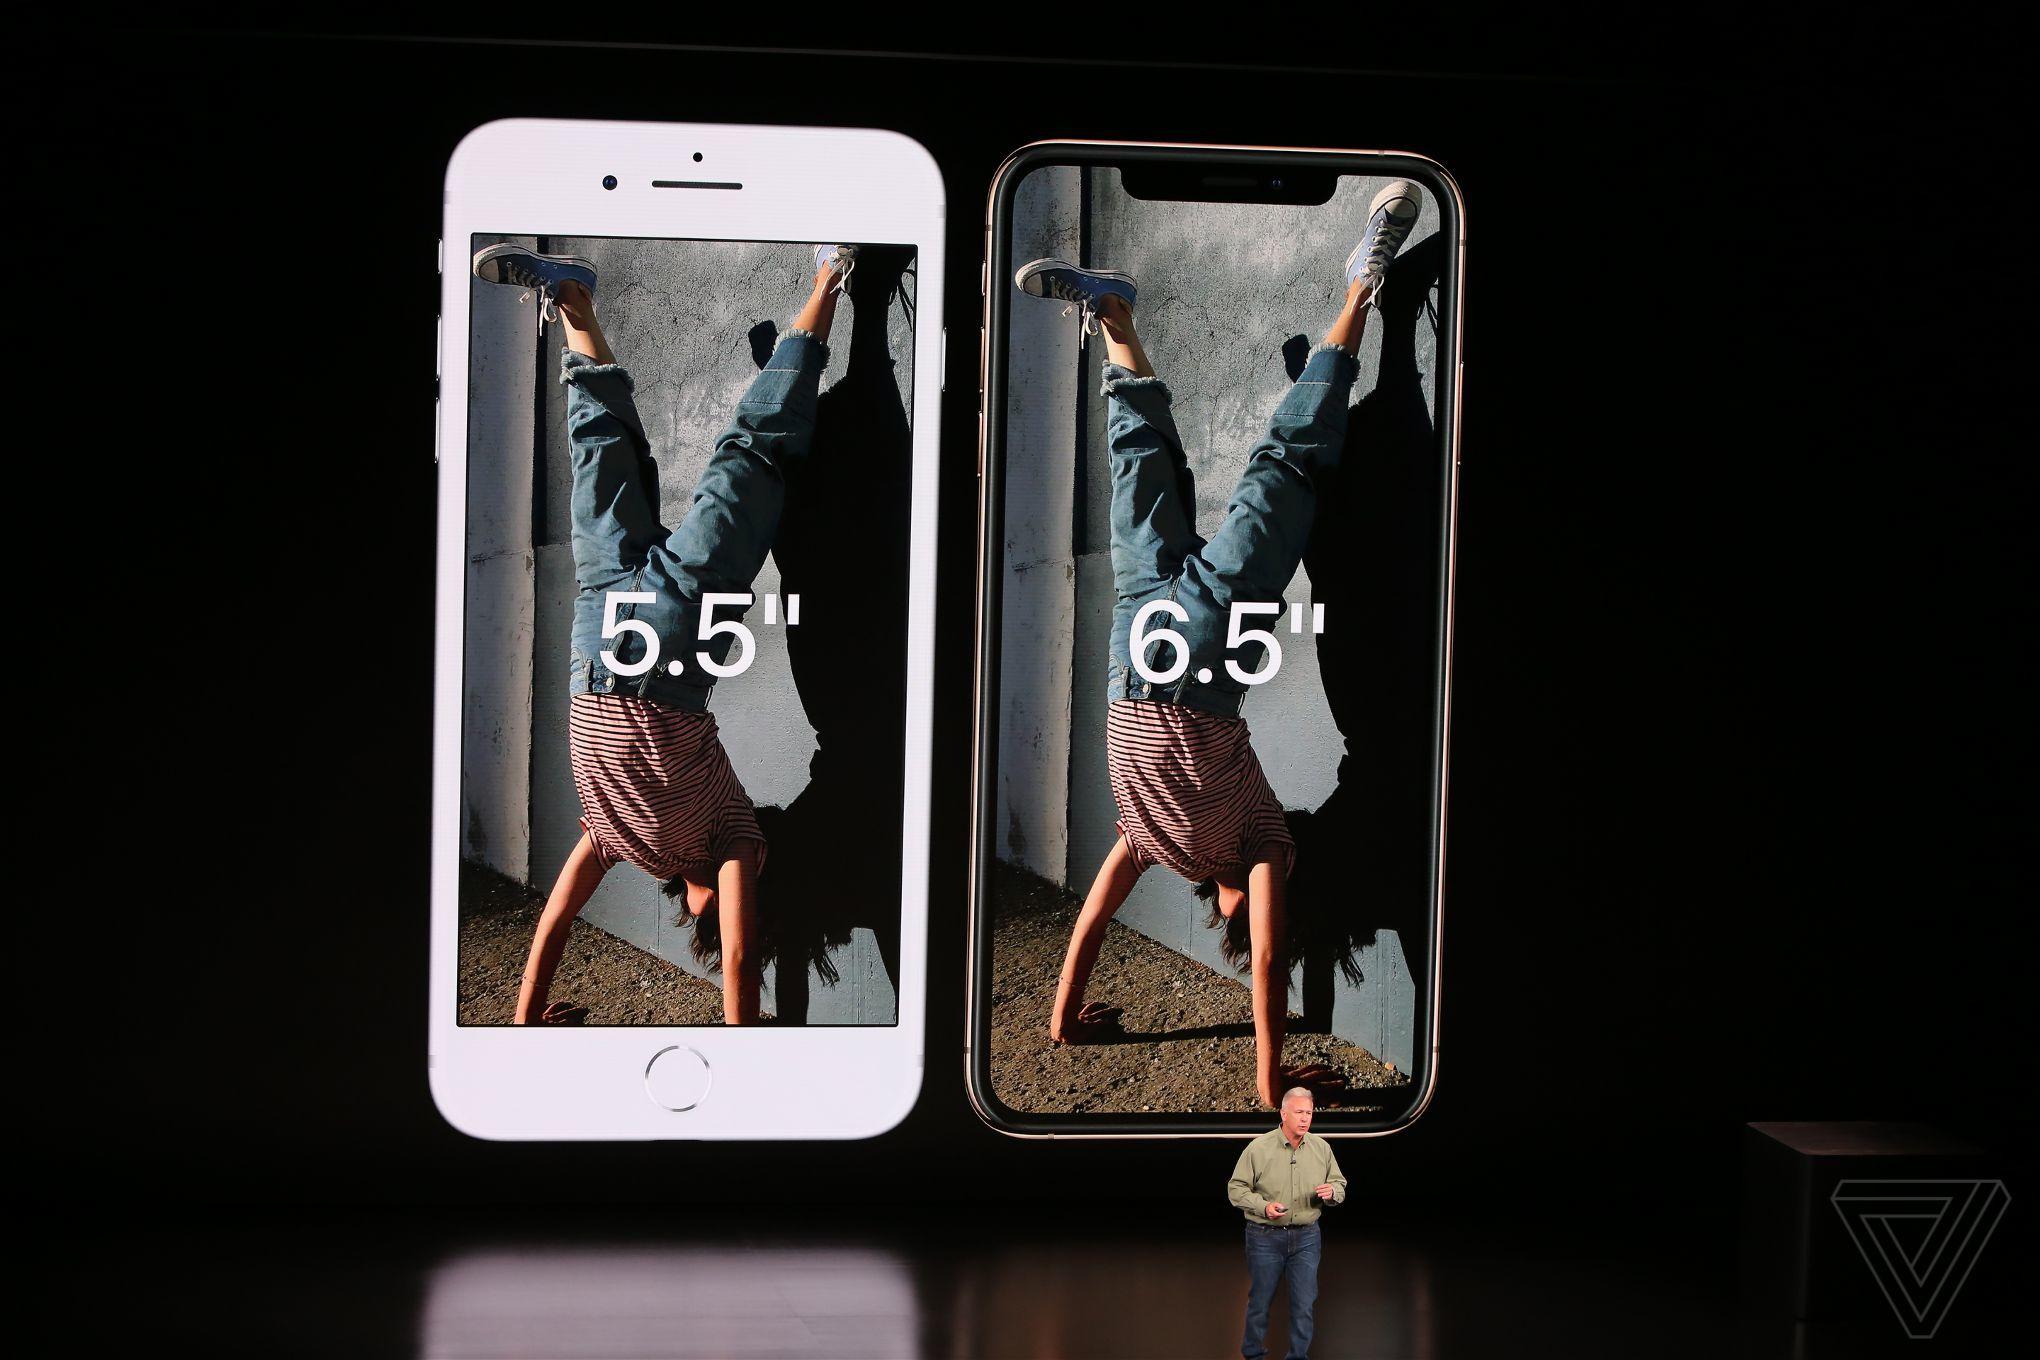 iPhone XS Max comparat iphone 8